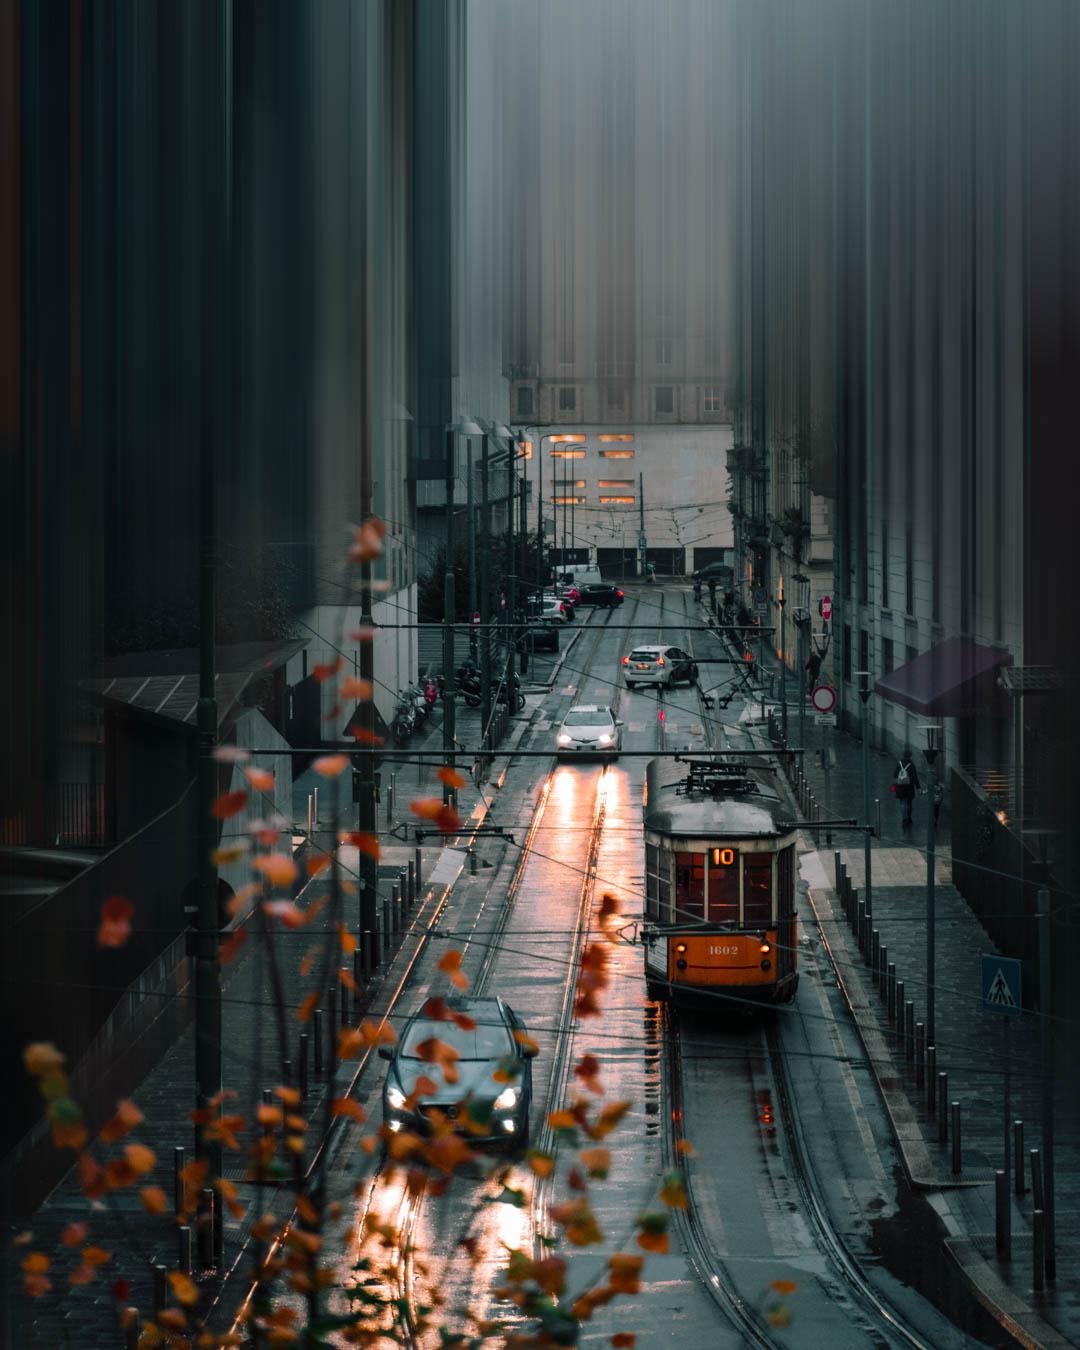 Urban_14